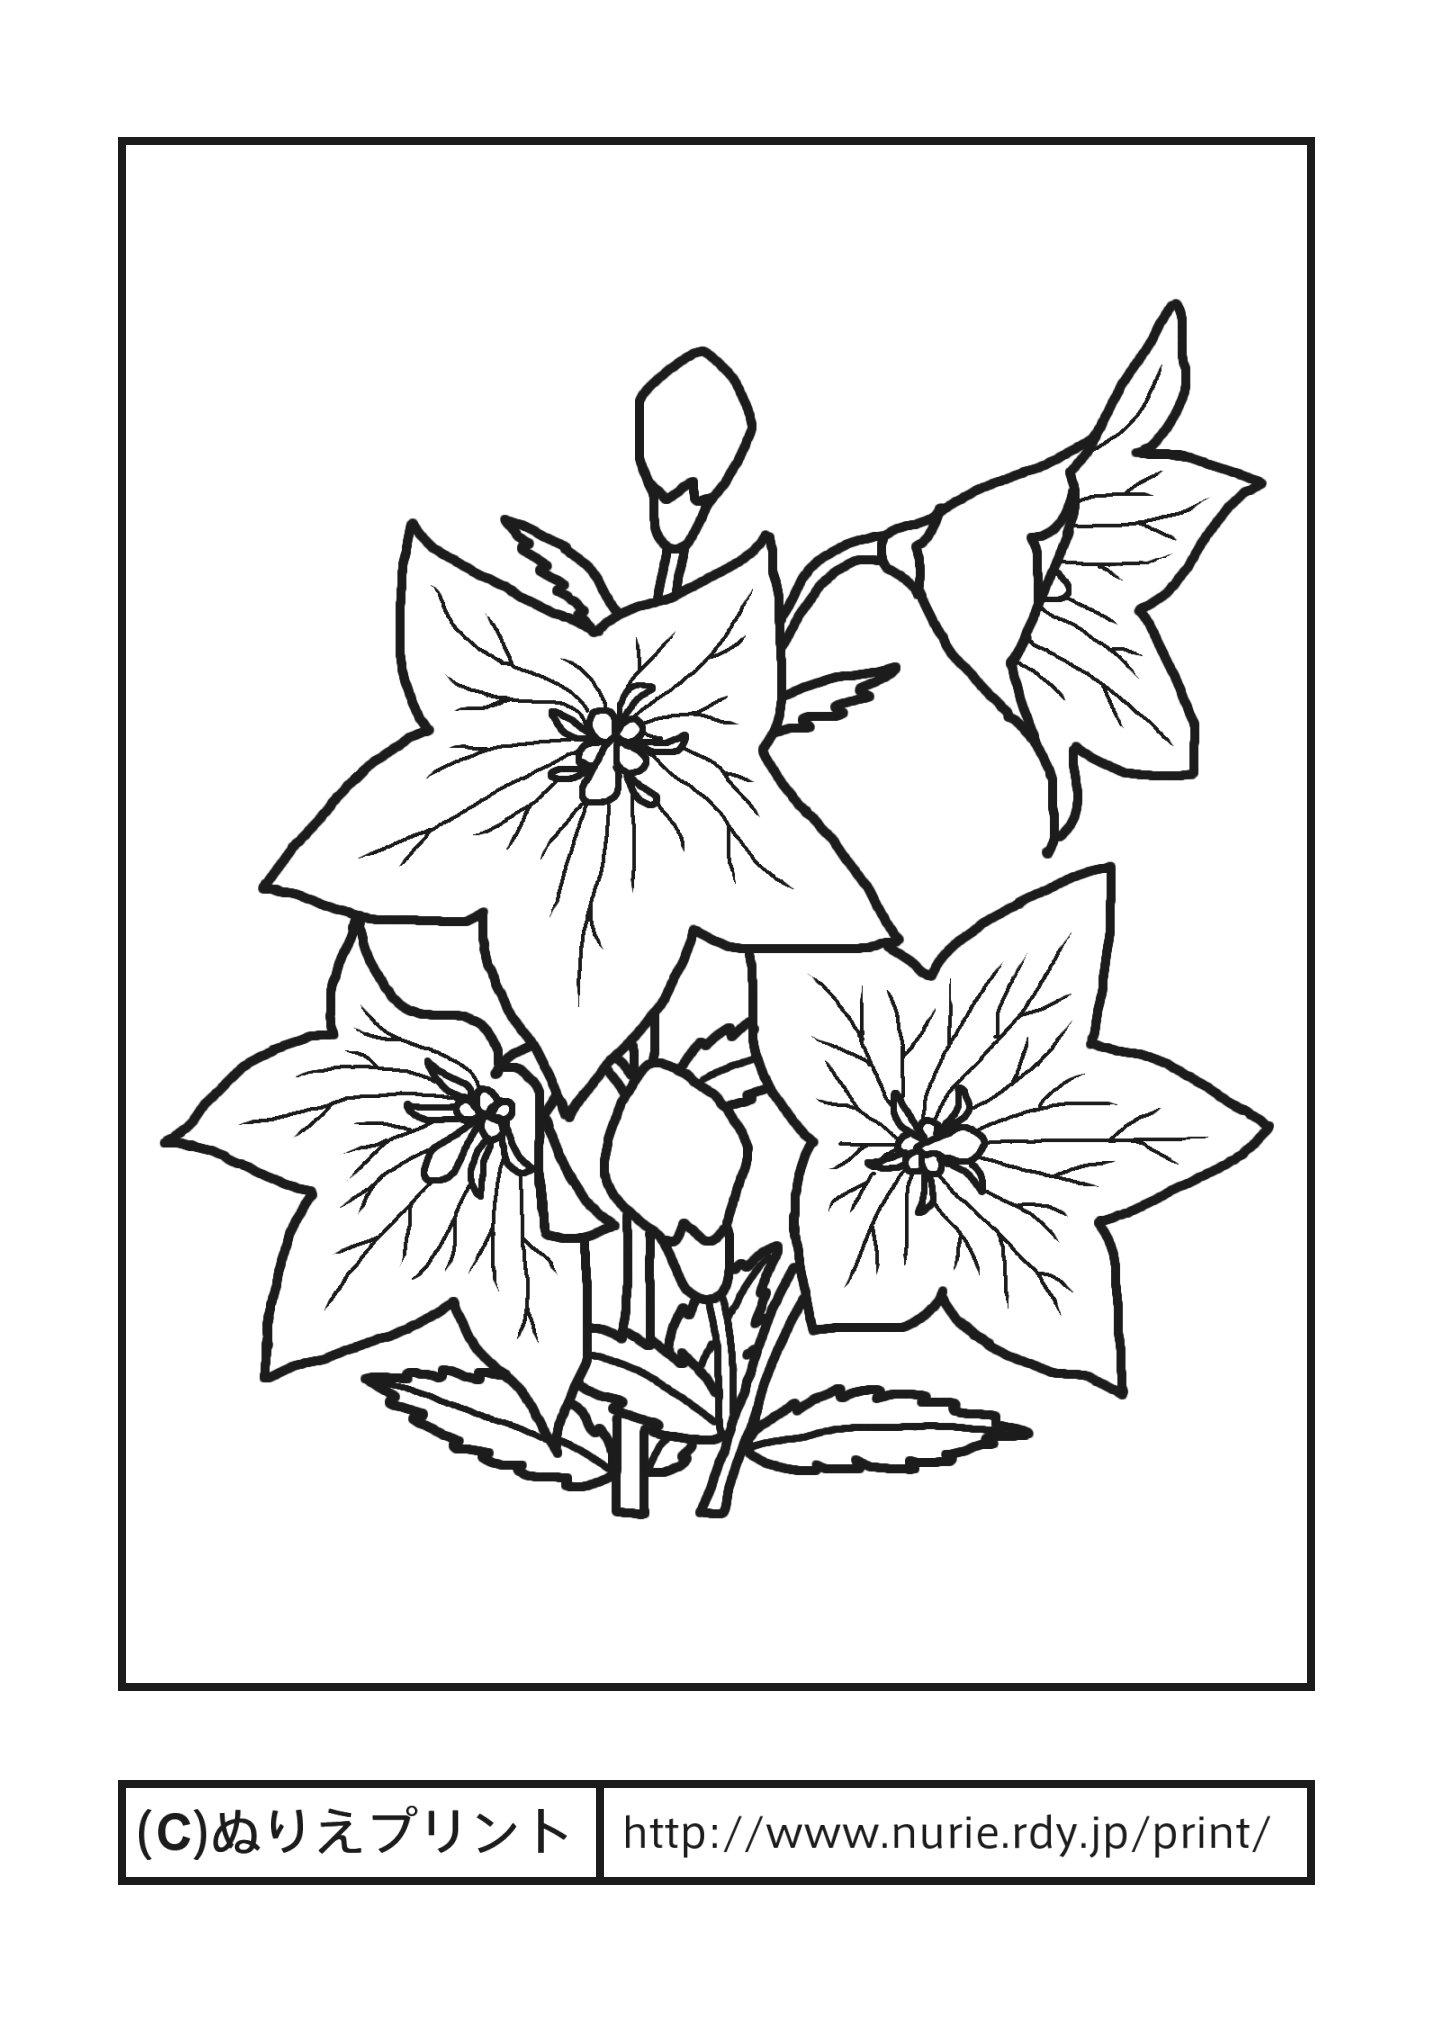 キキョウ(主線・黒)/秋の花/無料塗り絵イラスト【ぬりえプリント】